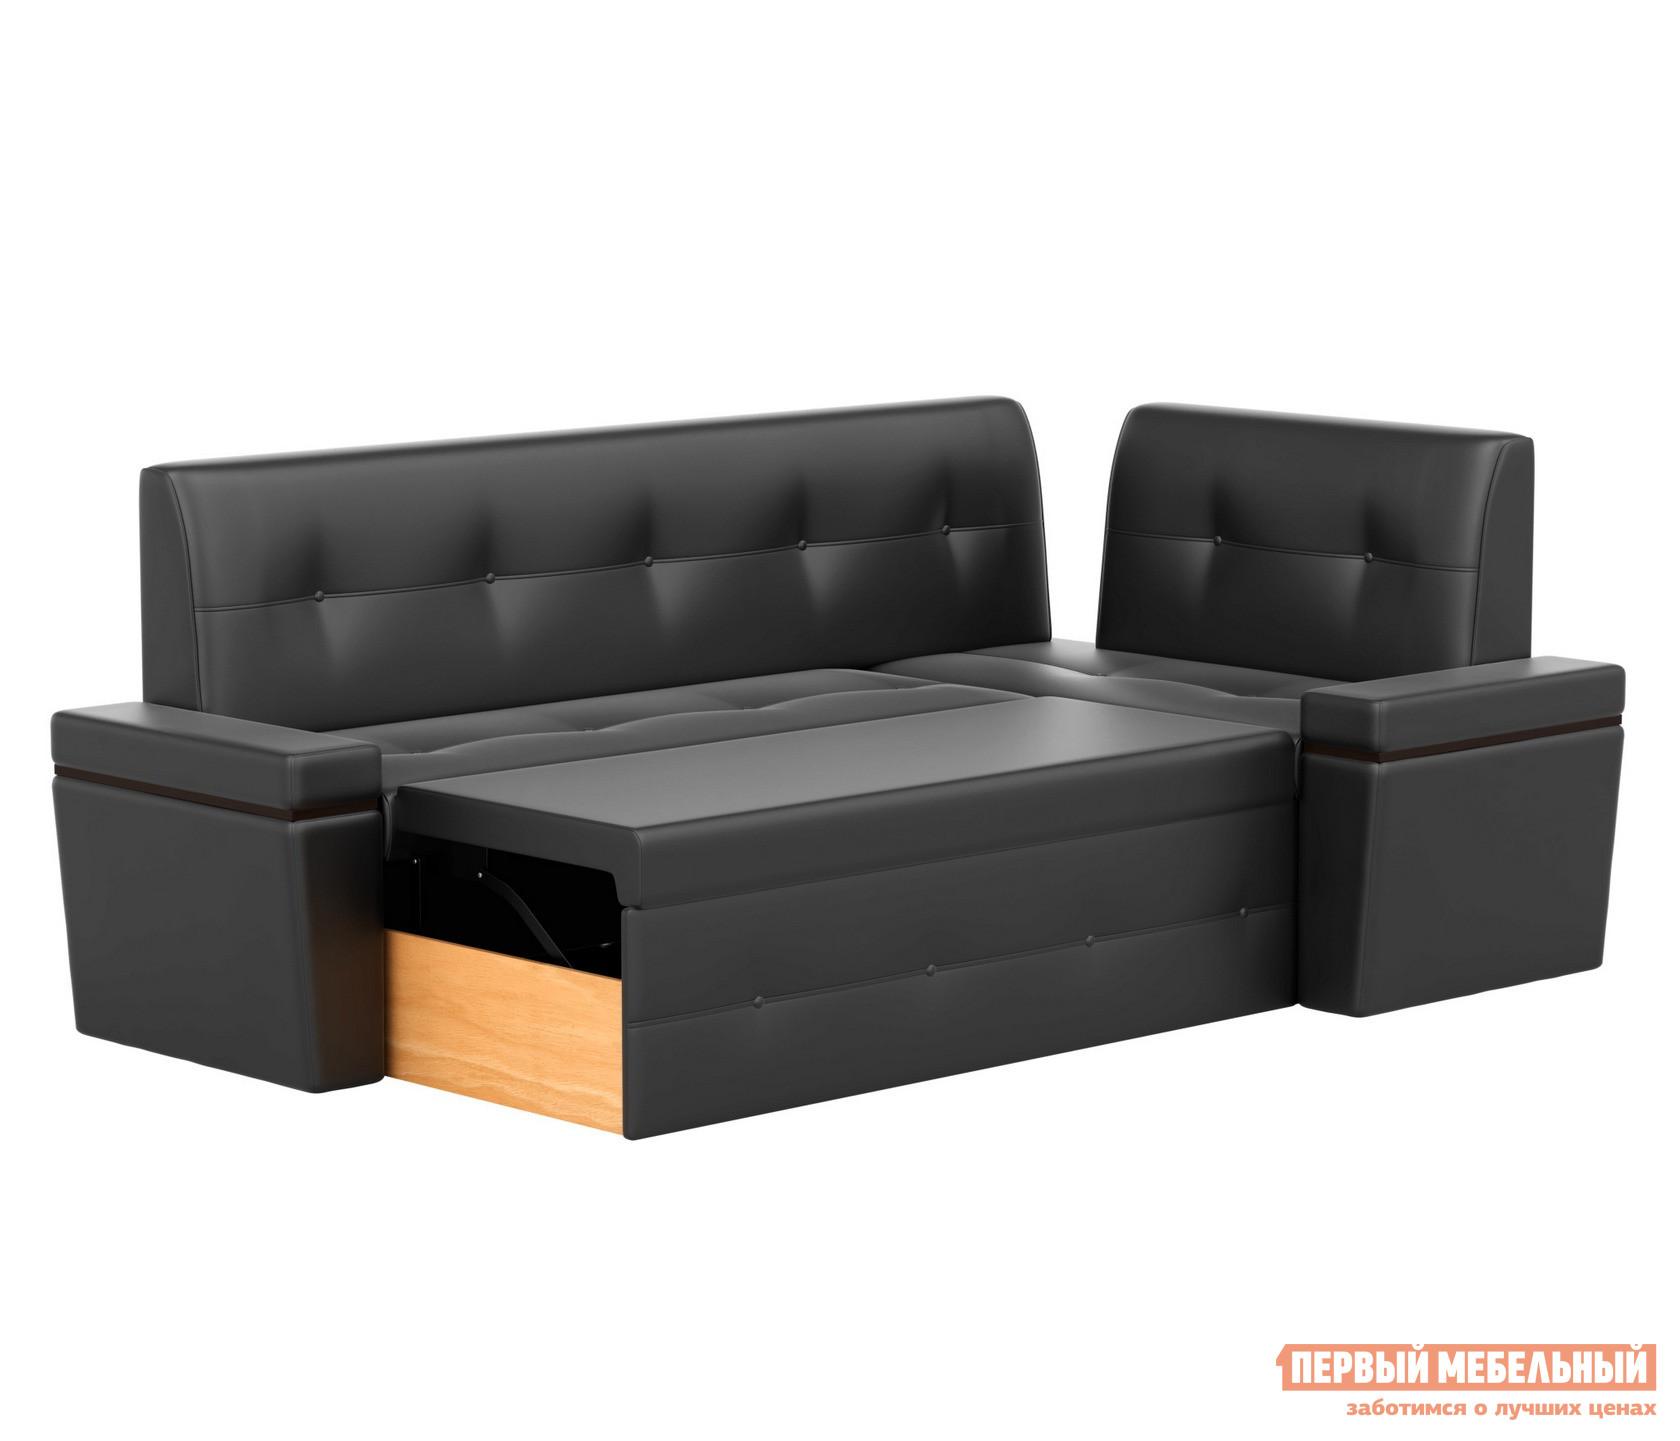 раздвижной спальный диван на кухню деметра у купить в москве и спб в